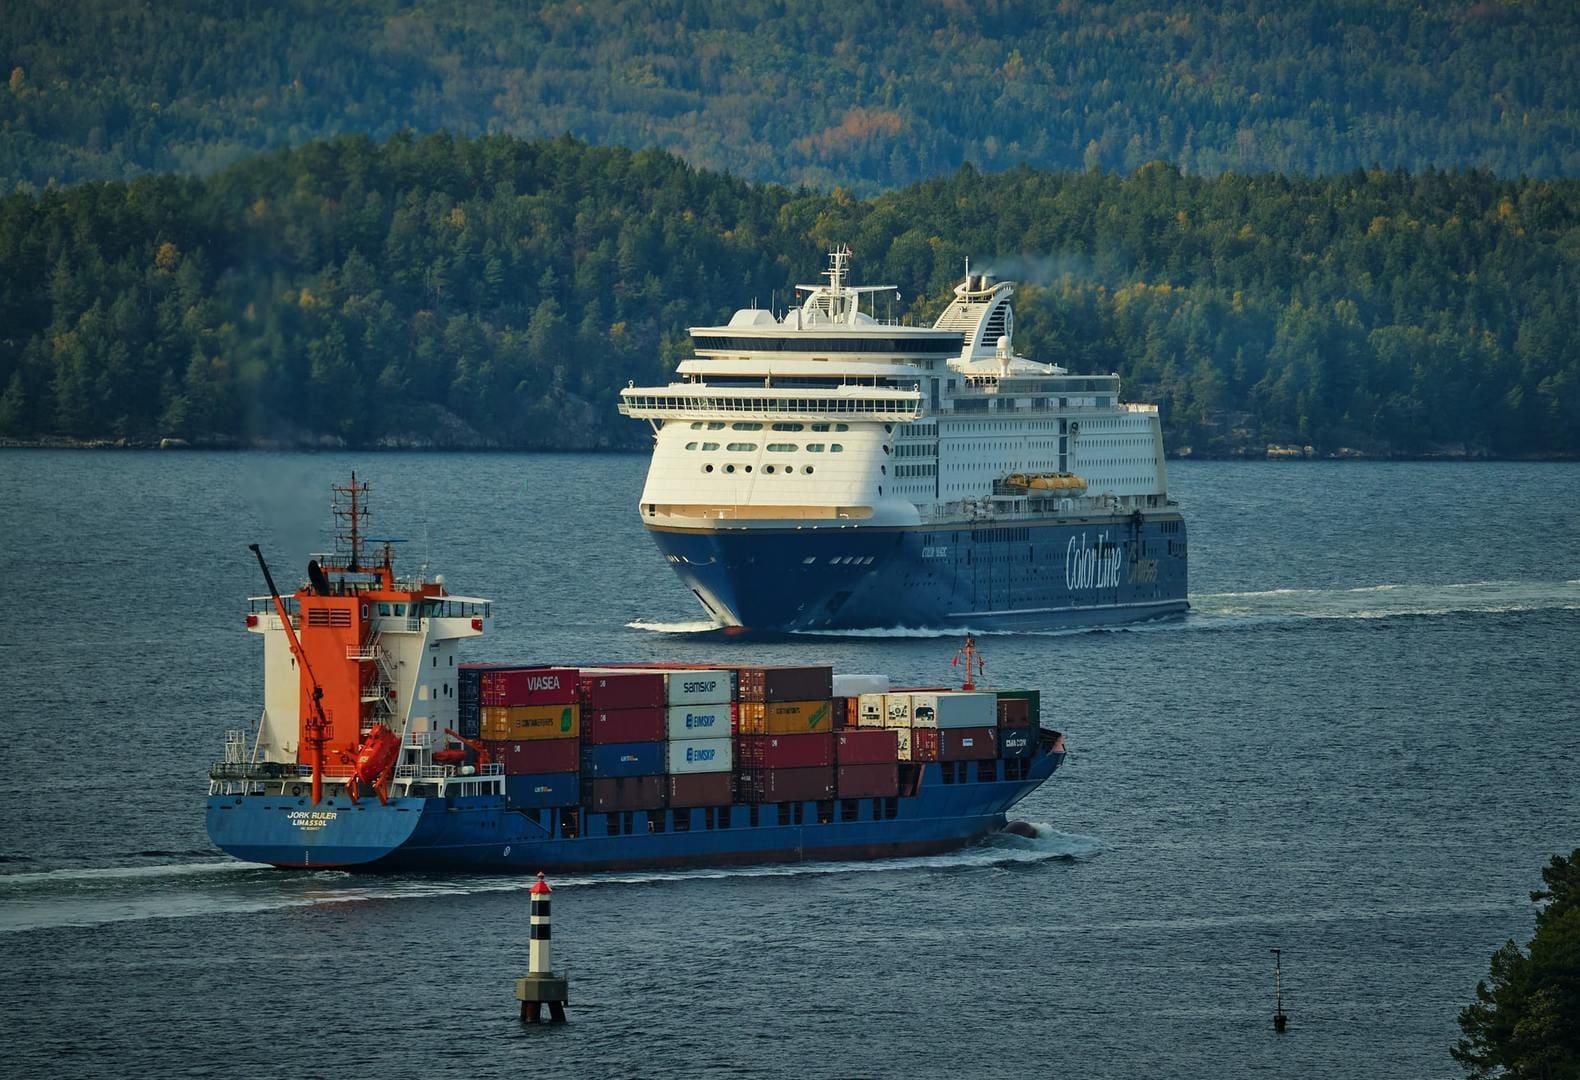 Laivaliikenne logistiikka